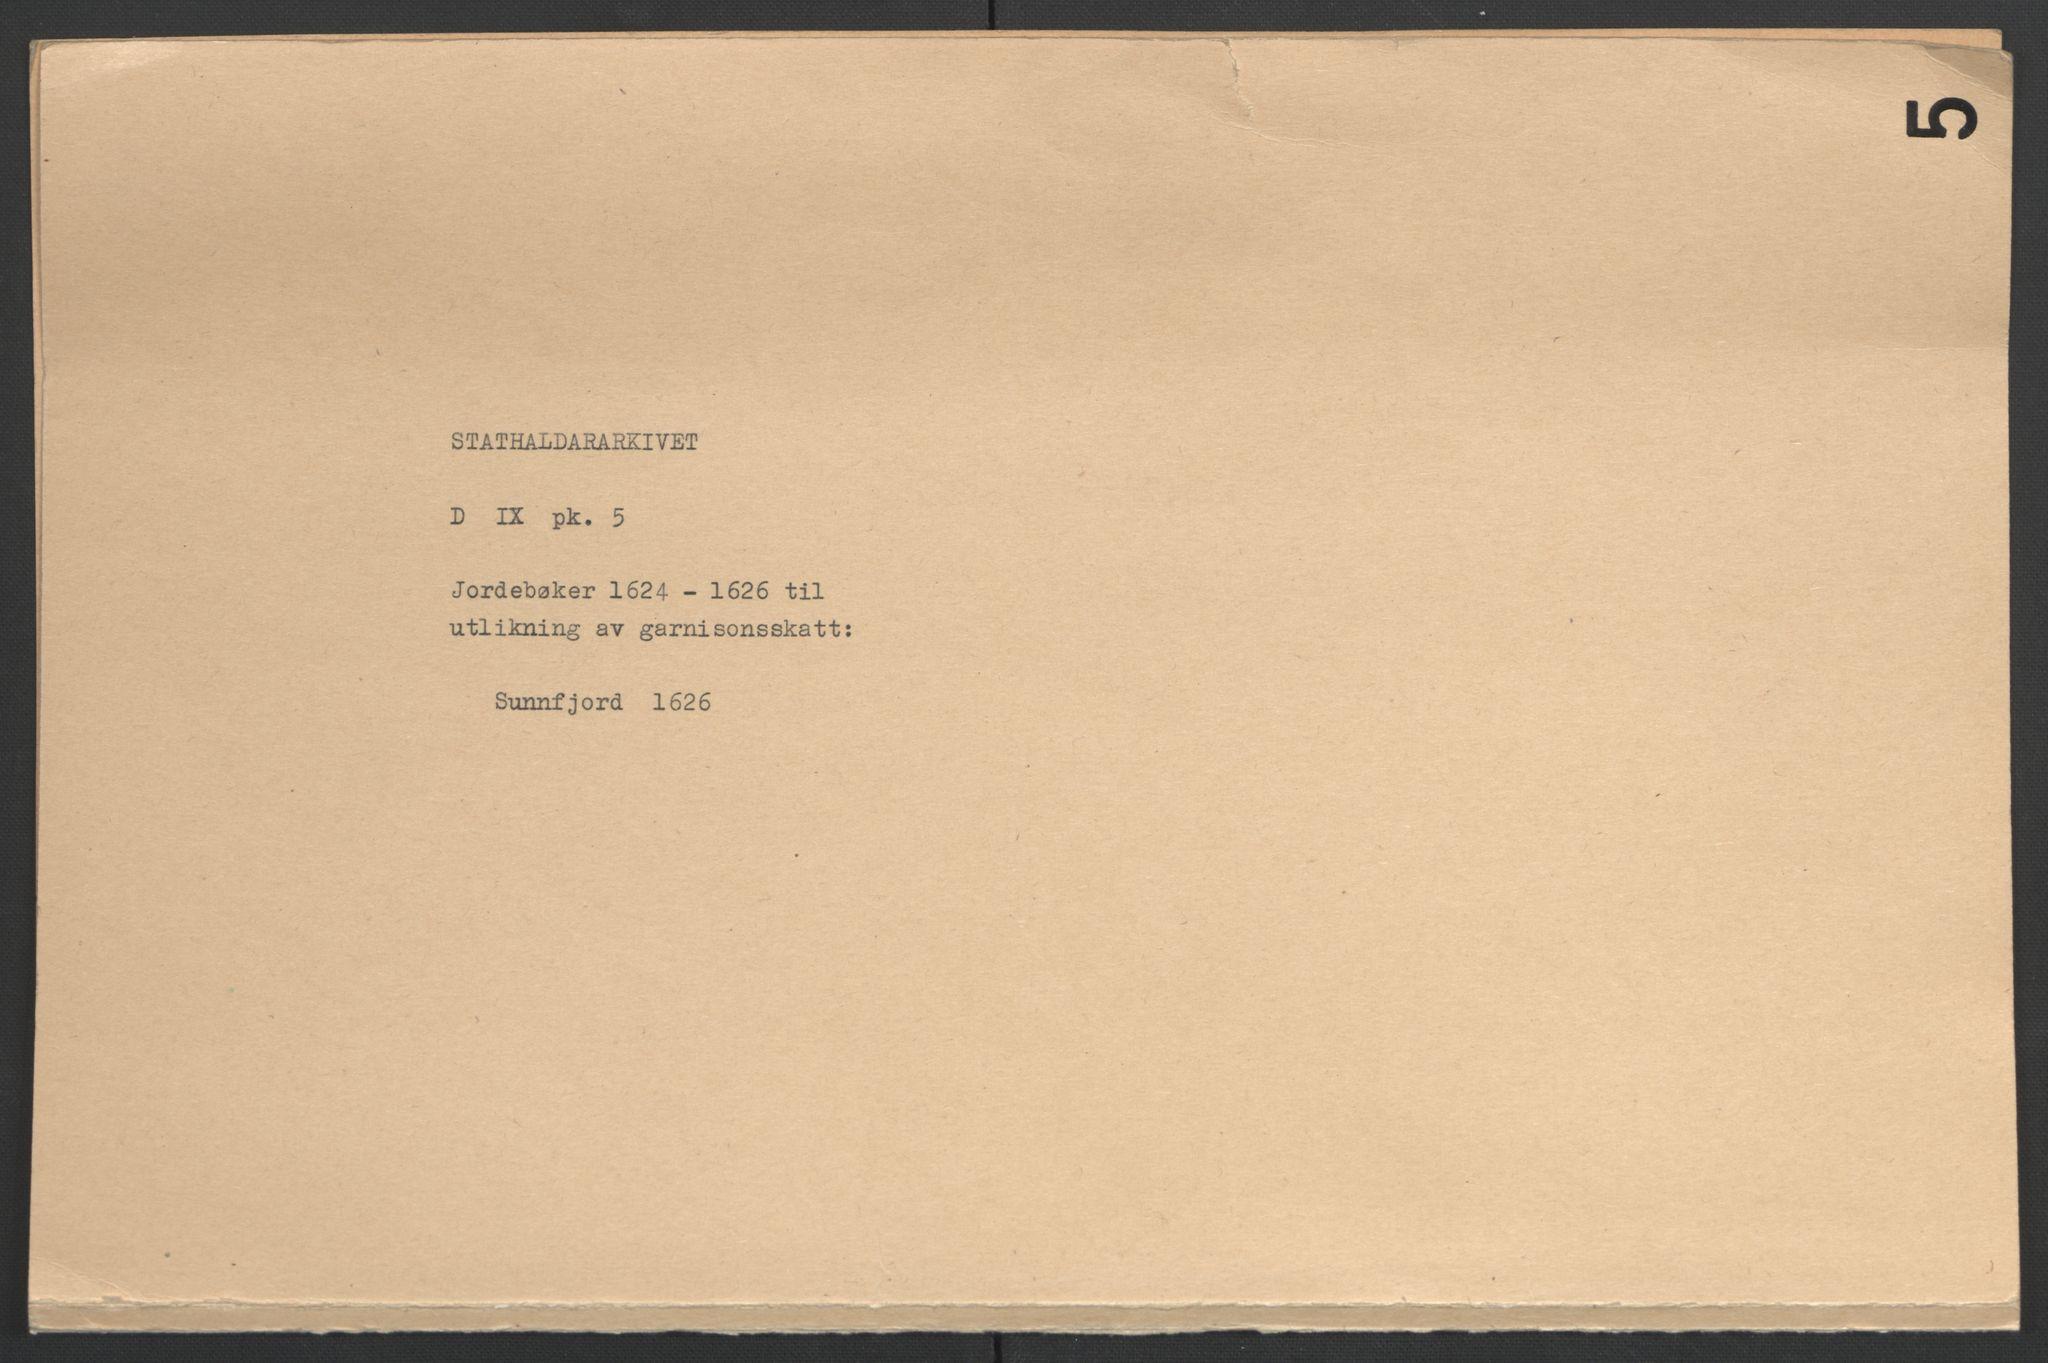 RA, Stattholderembetet 1572-1771, Ek/L0005: Jordebøker til utlikning av garnisonsskatt 1624-1626:, 1626, s. 2